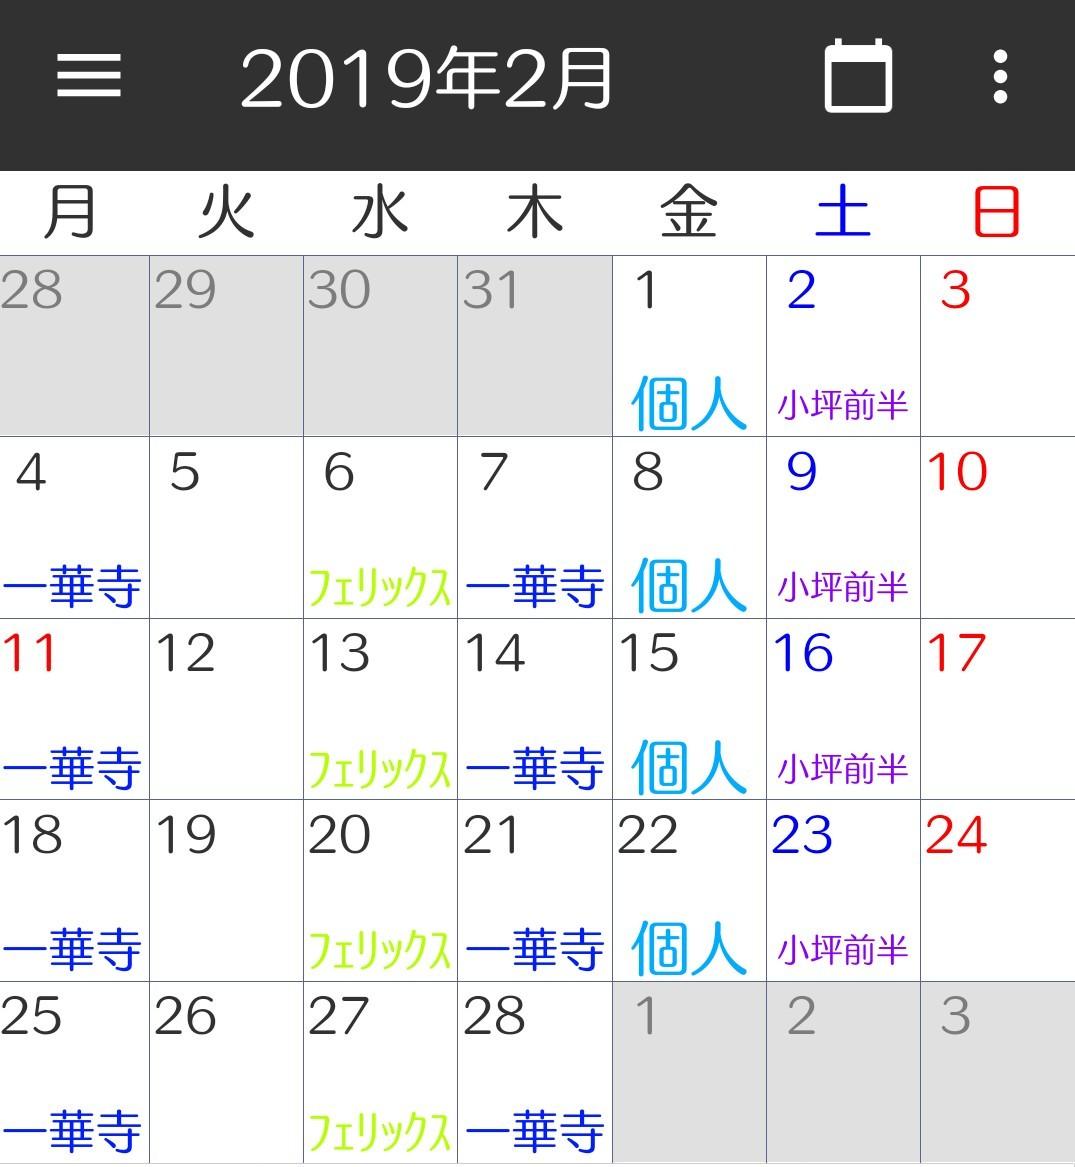 2019年2月の予定・カレンダー_c0366378_20165128.jpg